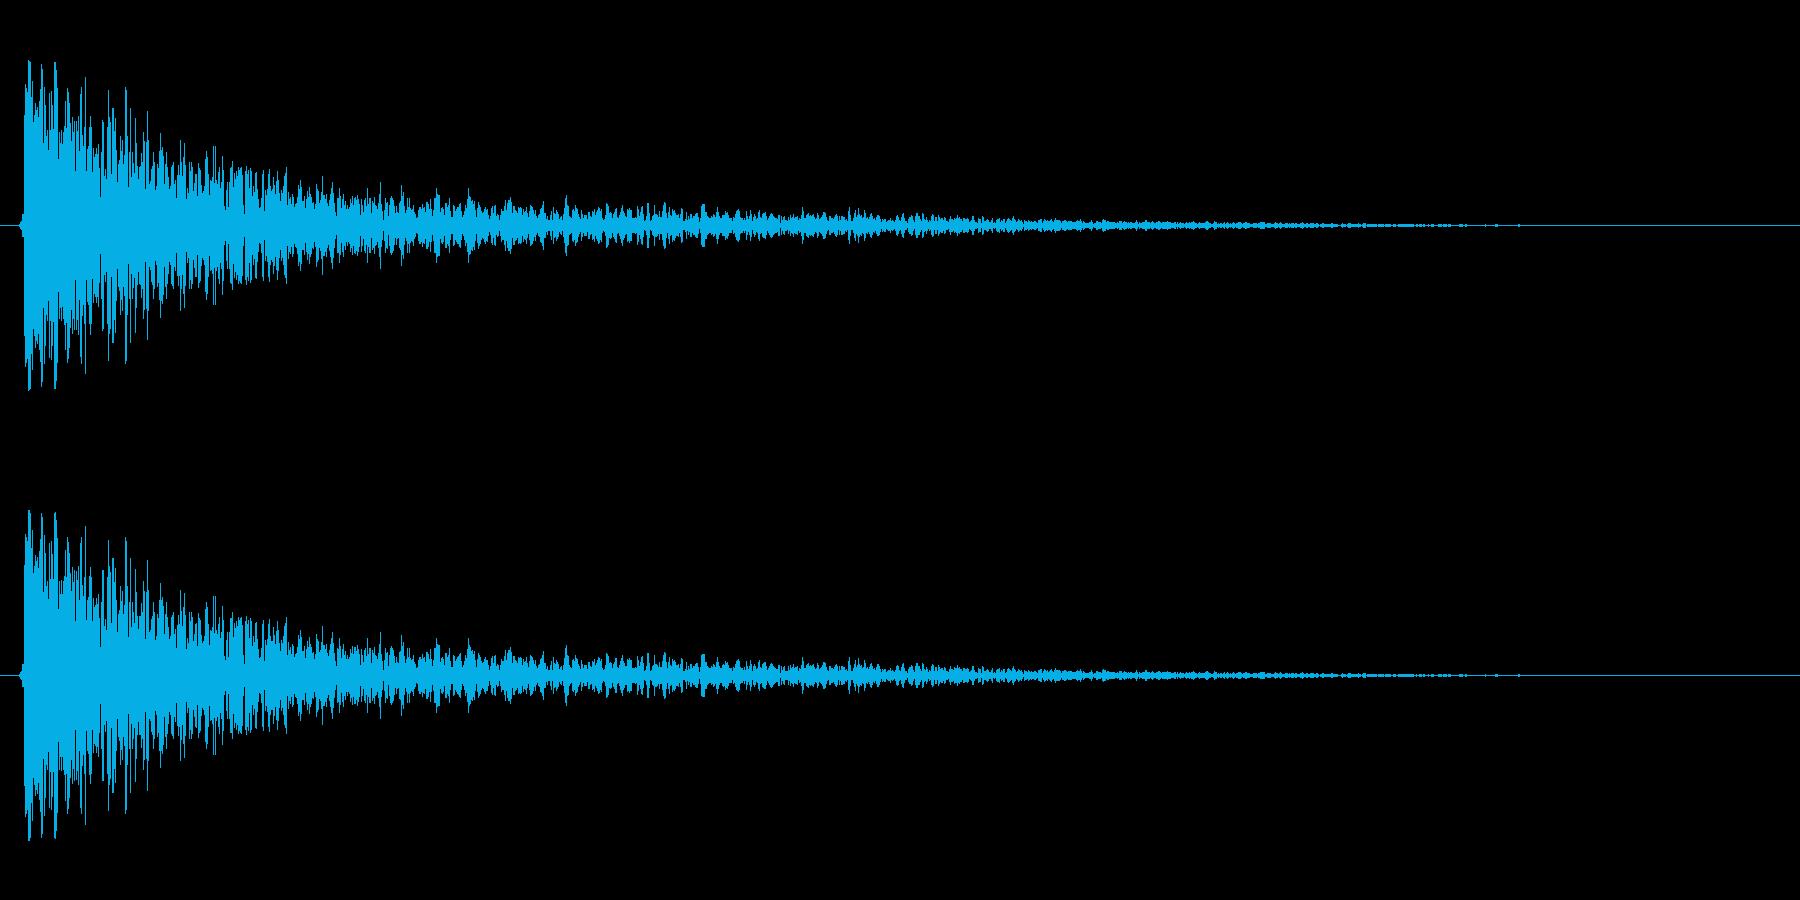 【衝撃05-1】の再生済みの波形